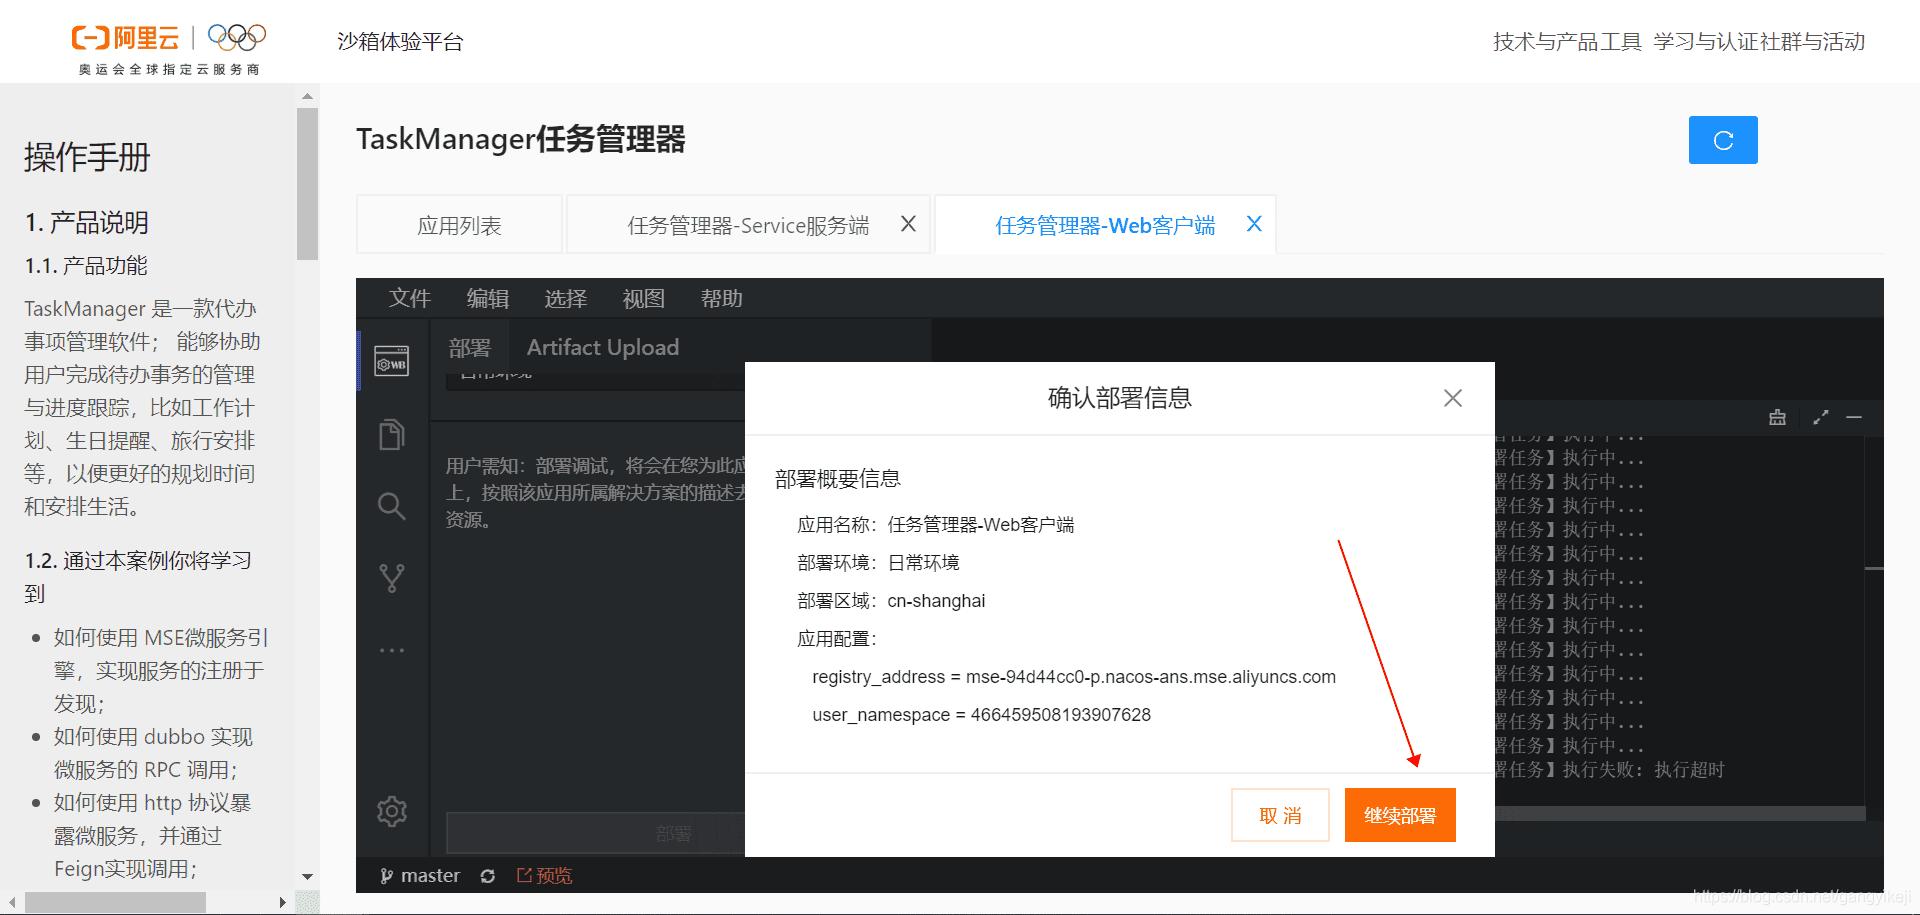 阿里云微服务基础:TaskManager任务管理器